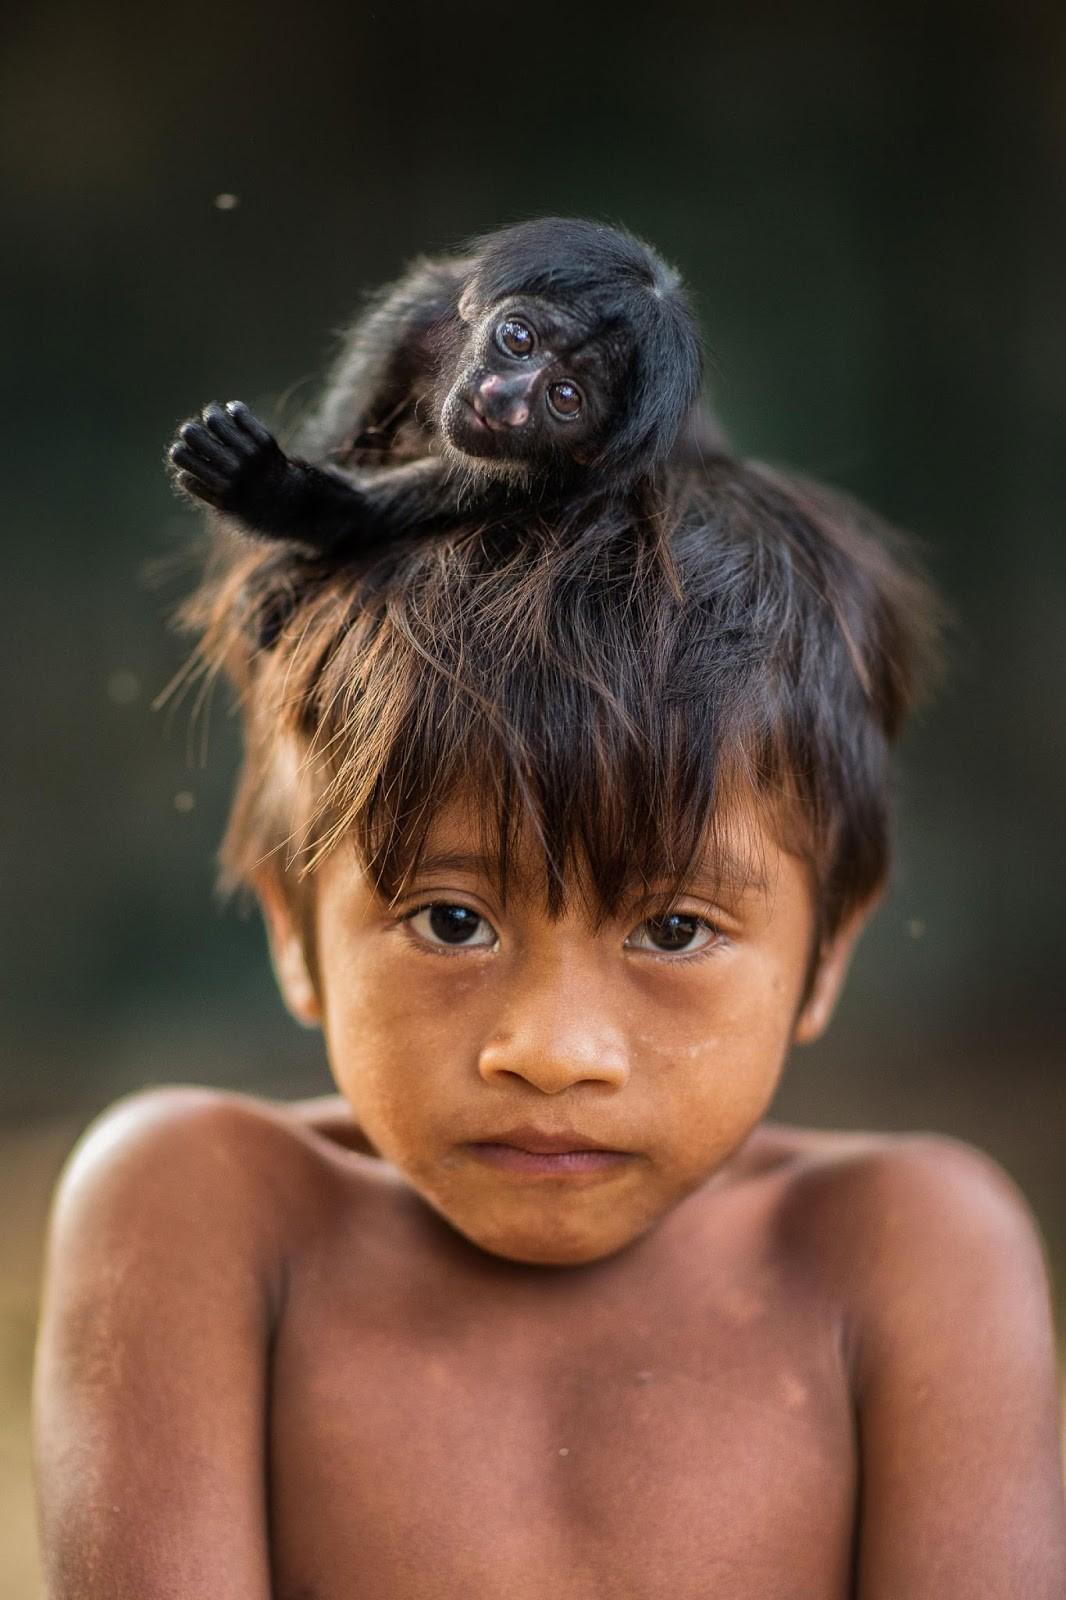 01-monkey-on-heads-Y9P8625-Edit